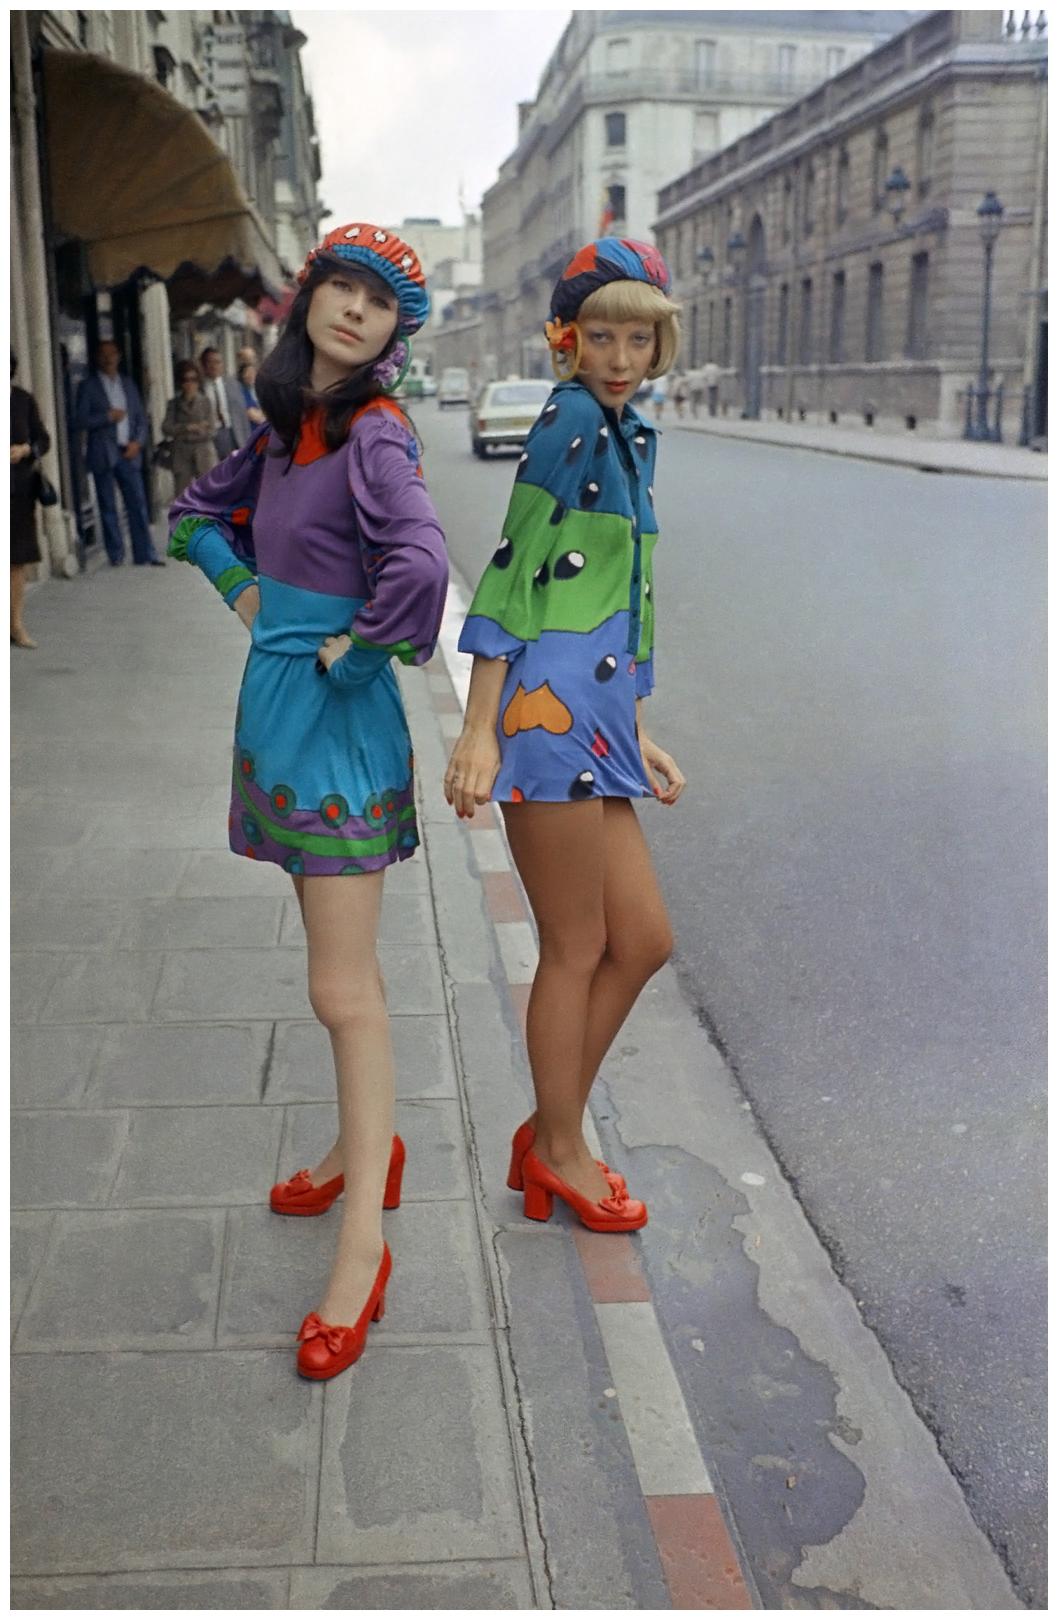 Disco Clothes, Circa 1970